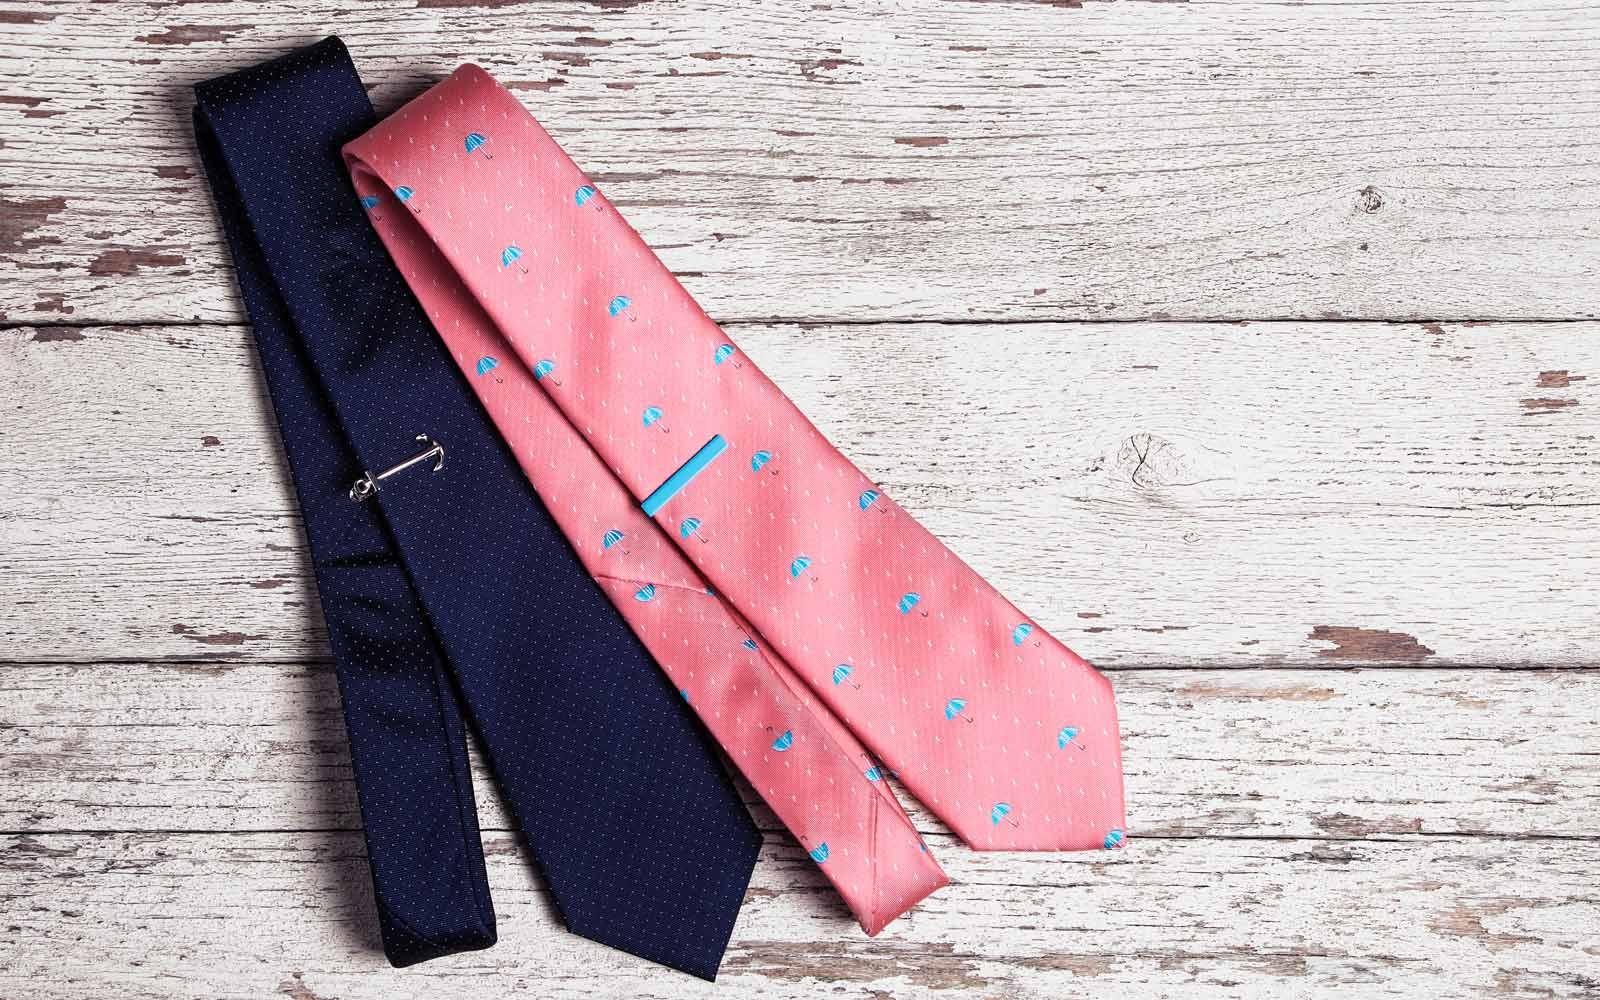 Thanh kẹp cà vạt: Chọn đúng – Phối đẹp – Mua chuẩn!